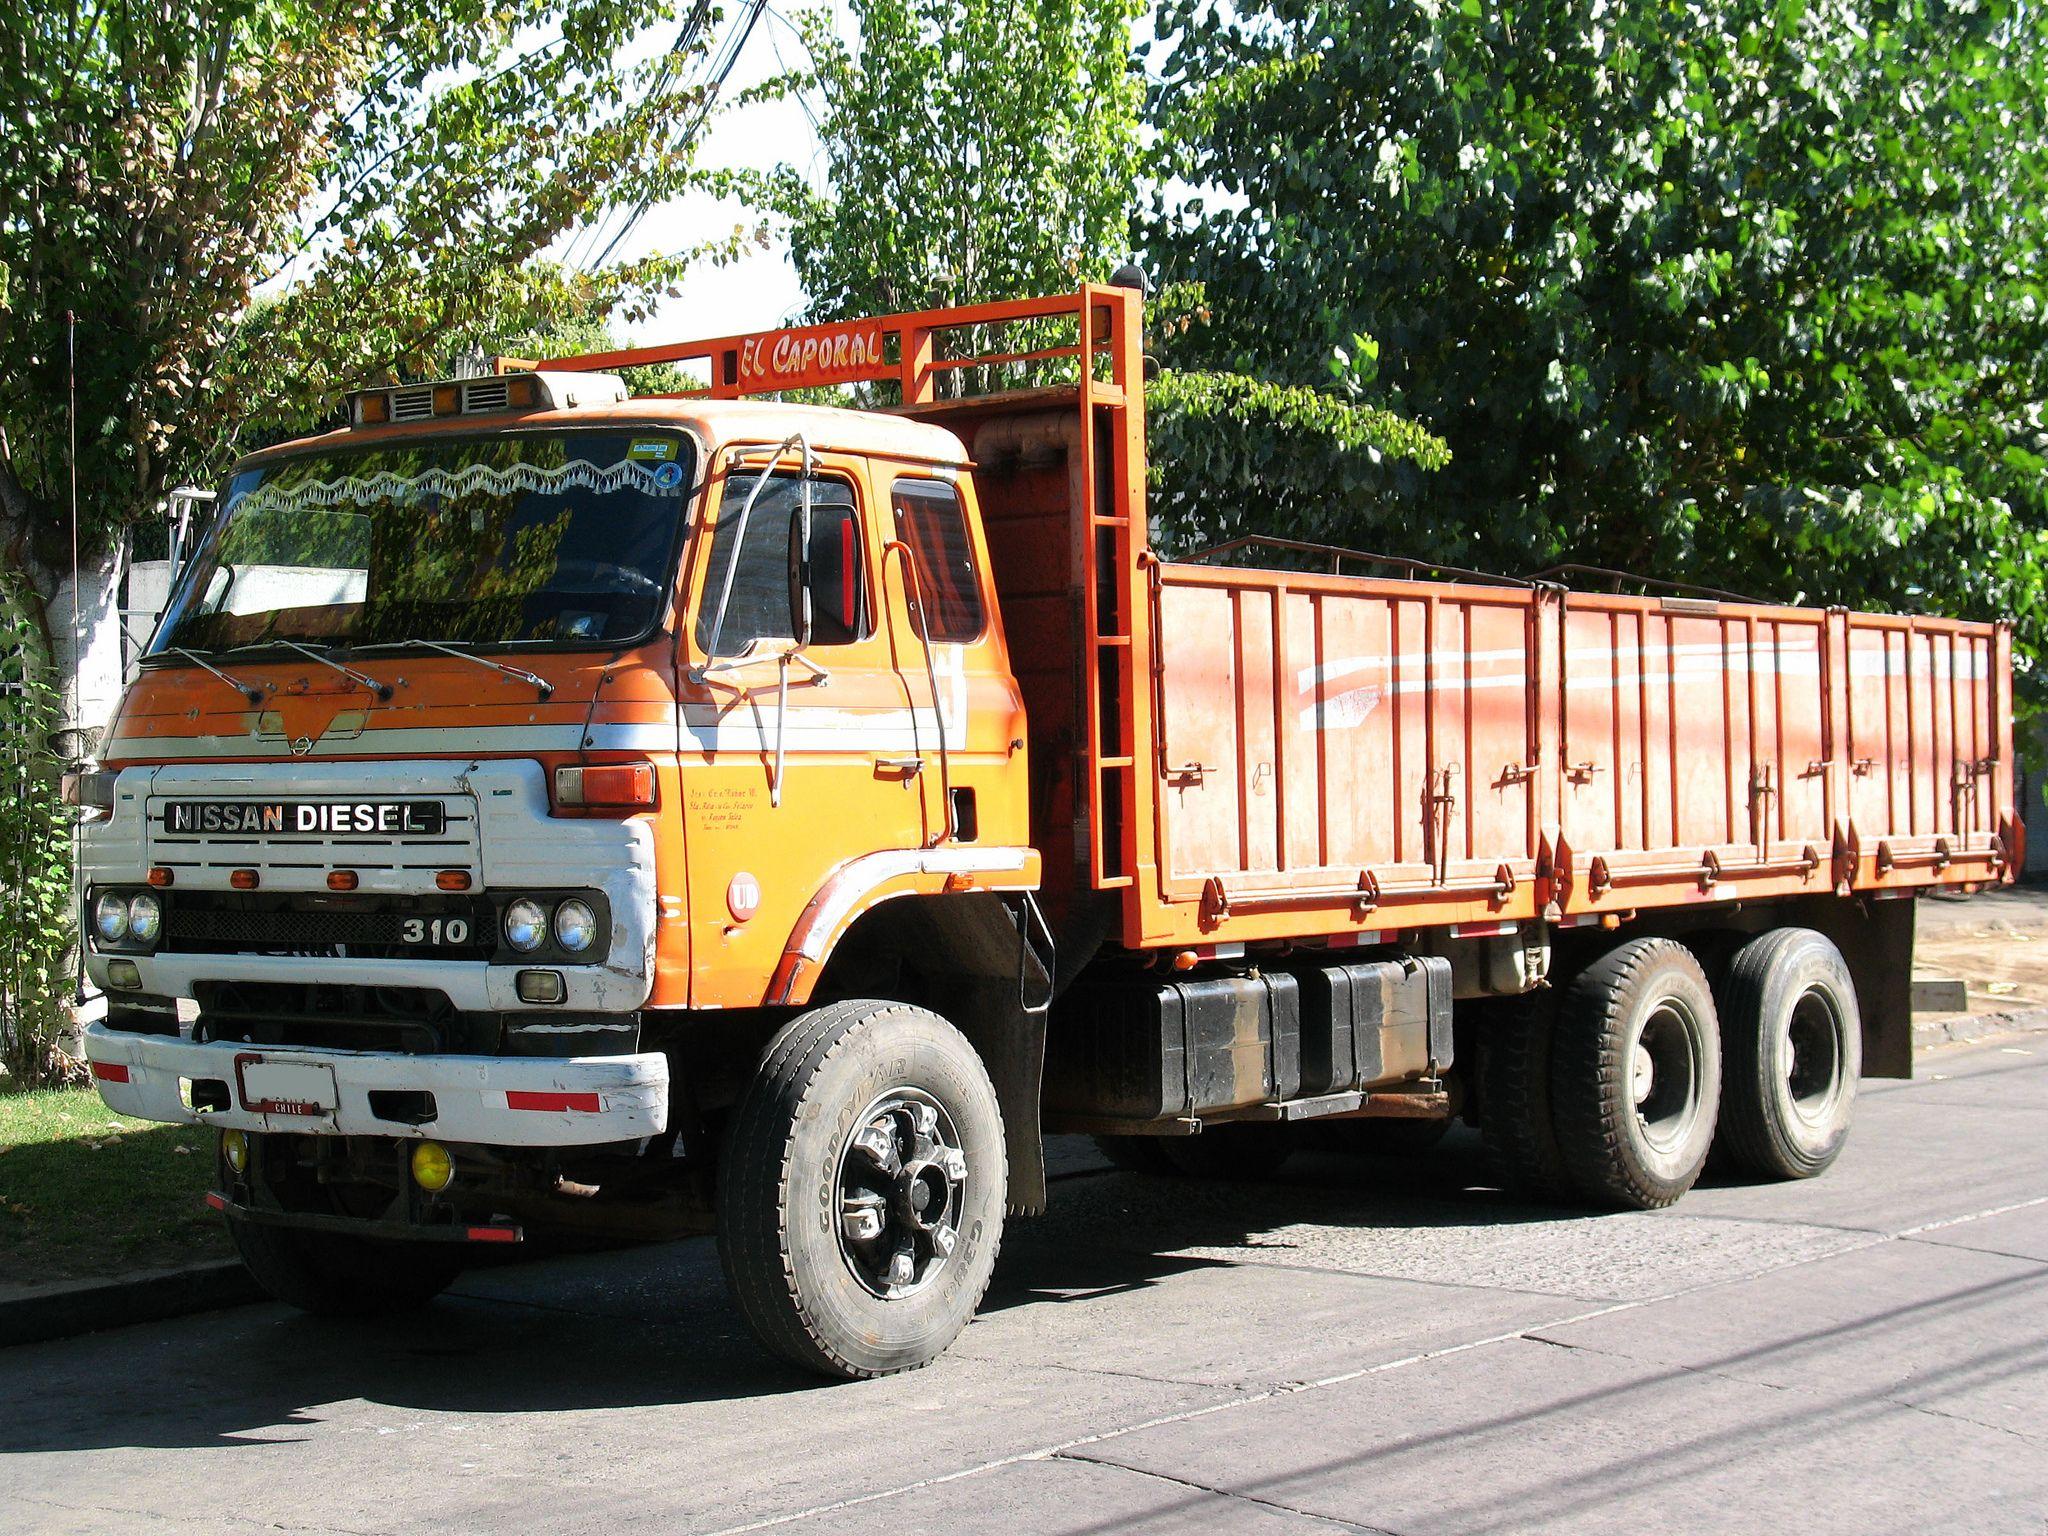 Nissan Diesel UD 310 1983